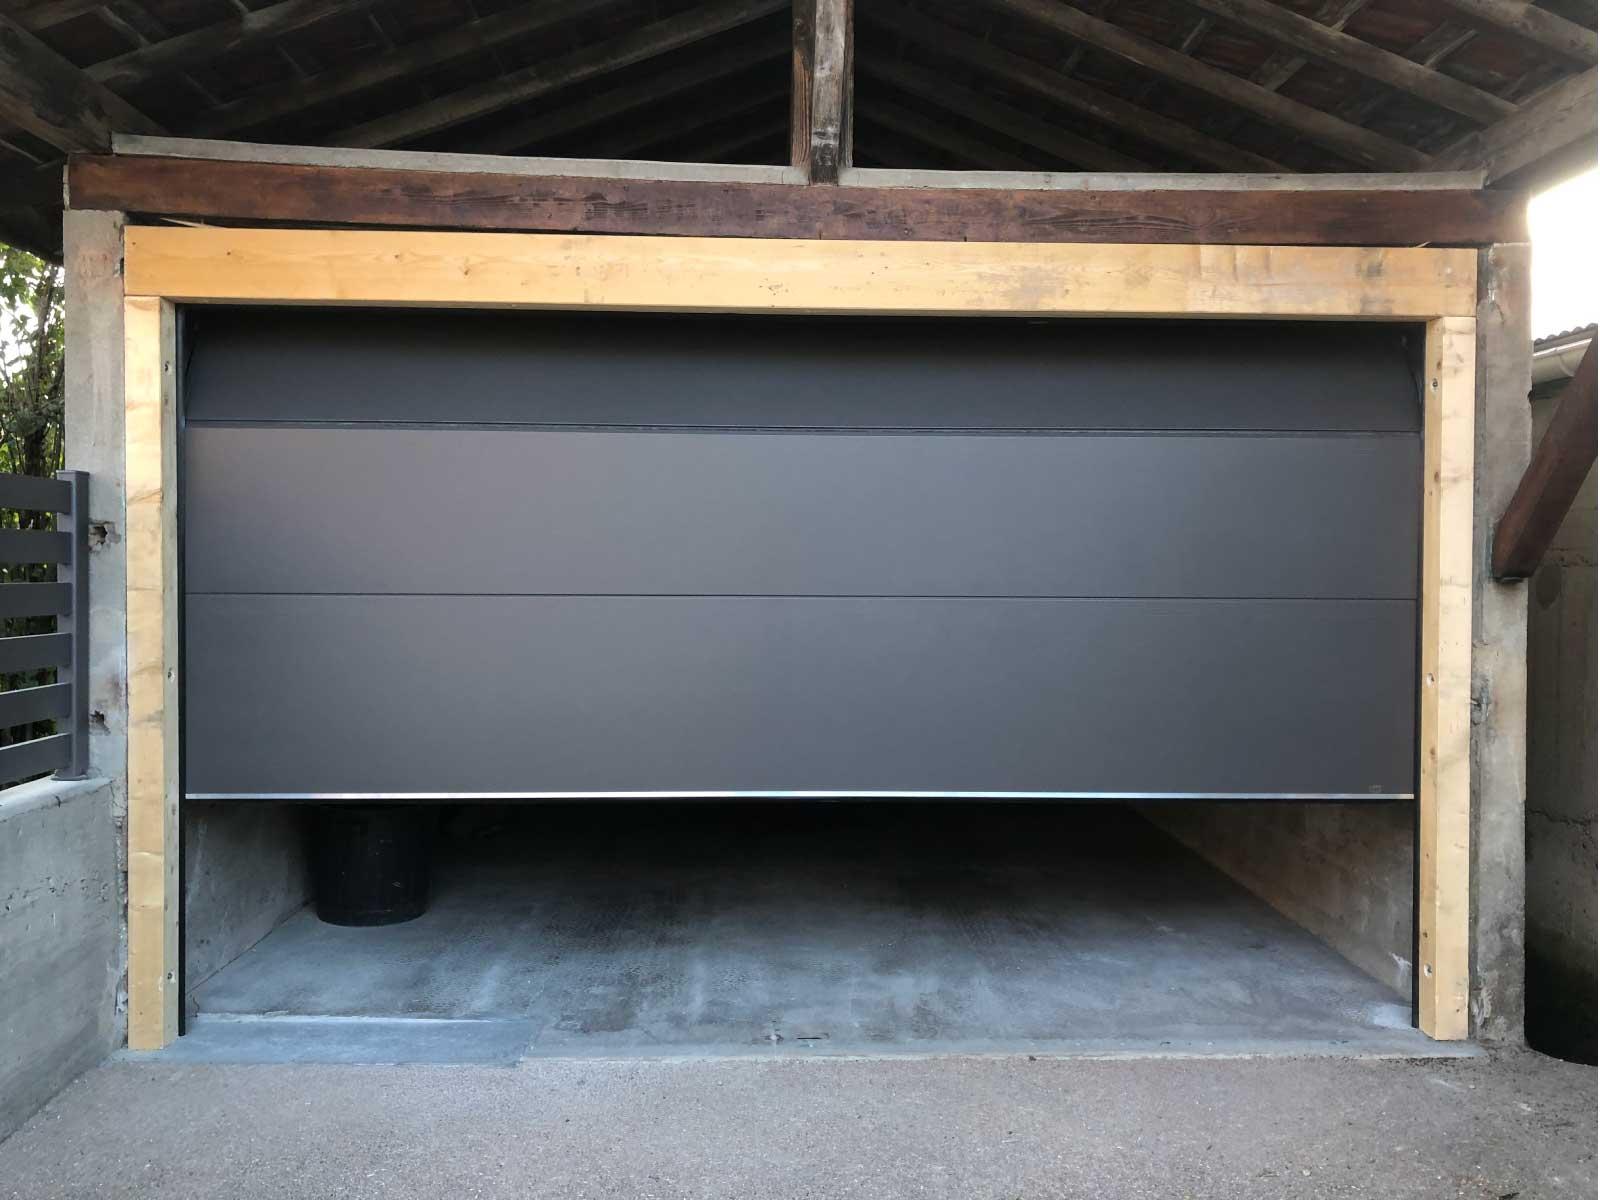 Portes de garages sectionnelles ou basculantes avec motorisation - Rémy FERERE